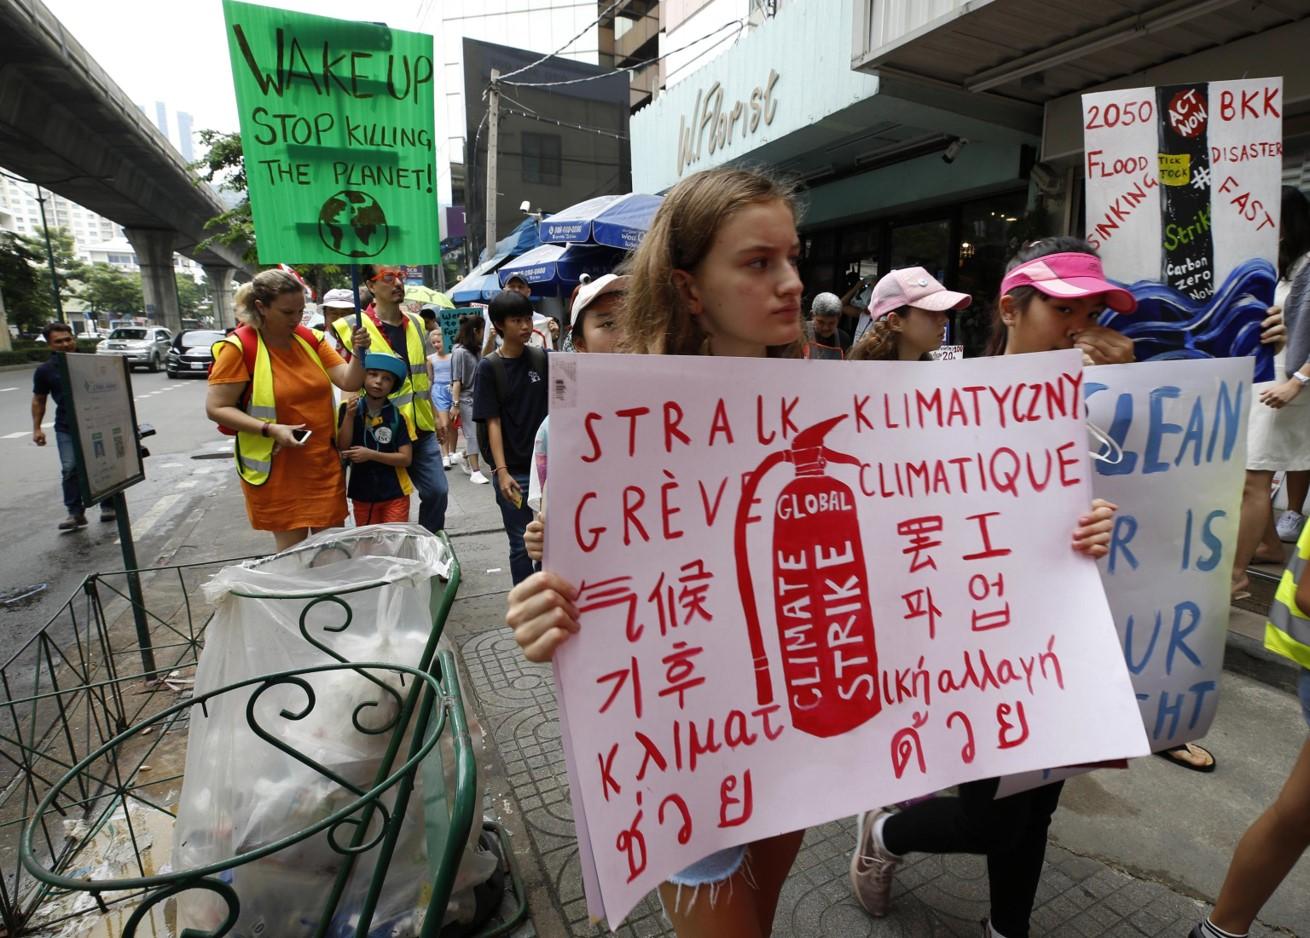 Un gruppo di manifestanti marcia verso il ministero dell'Ambiente a Bangkok, in Thailandia